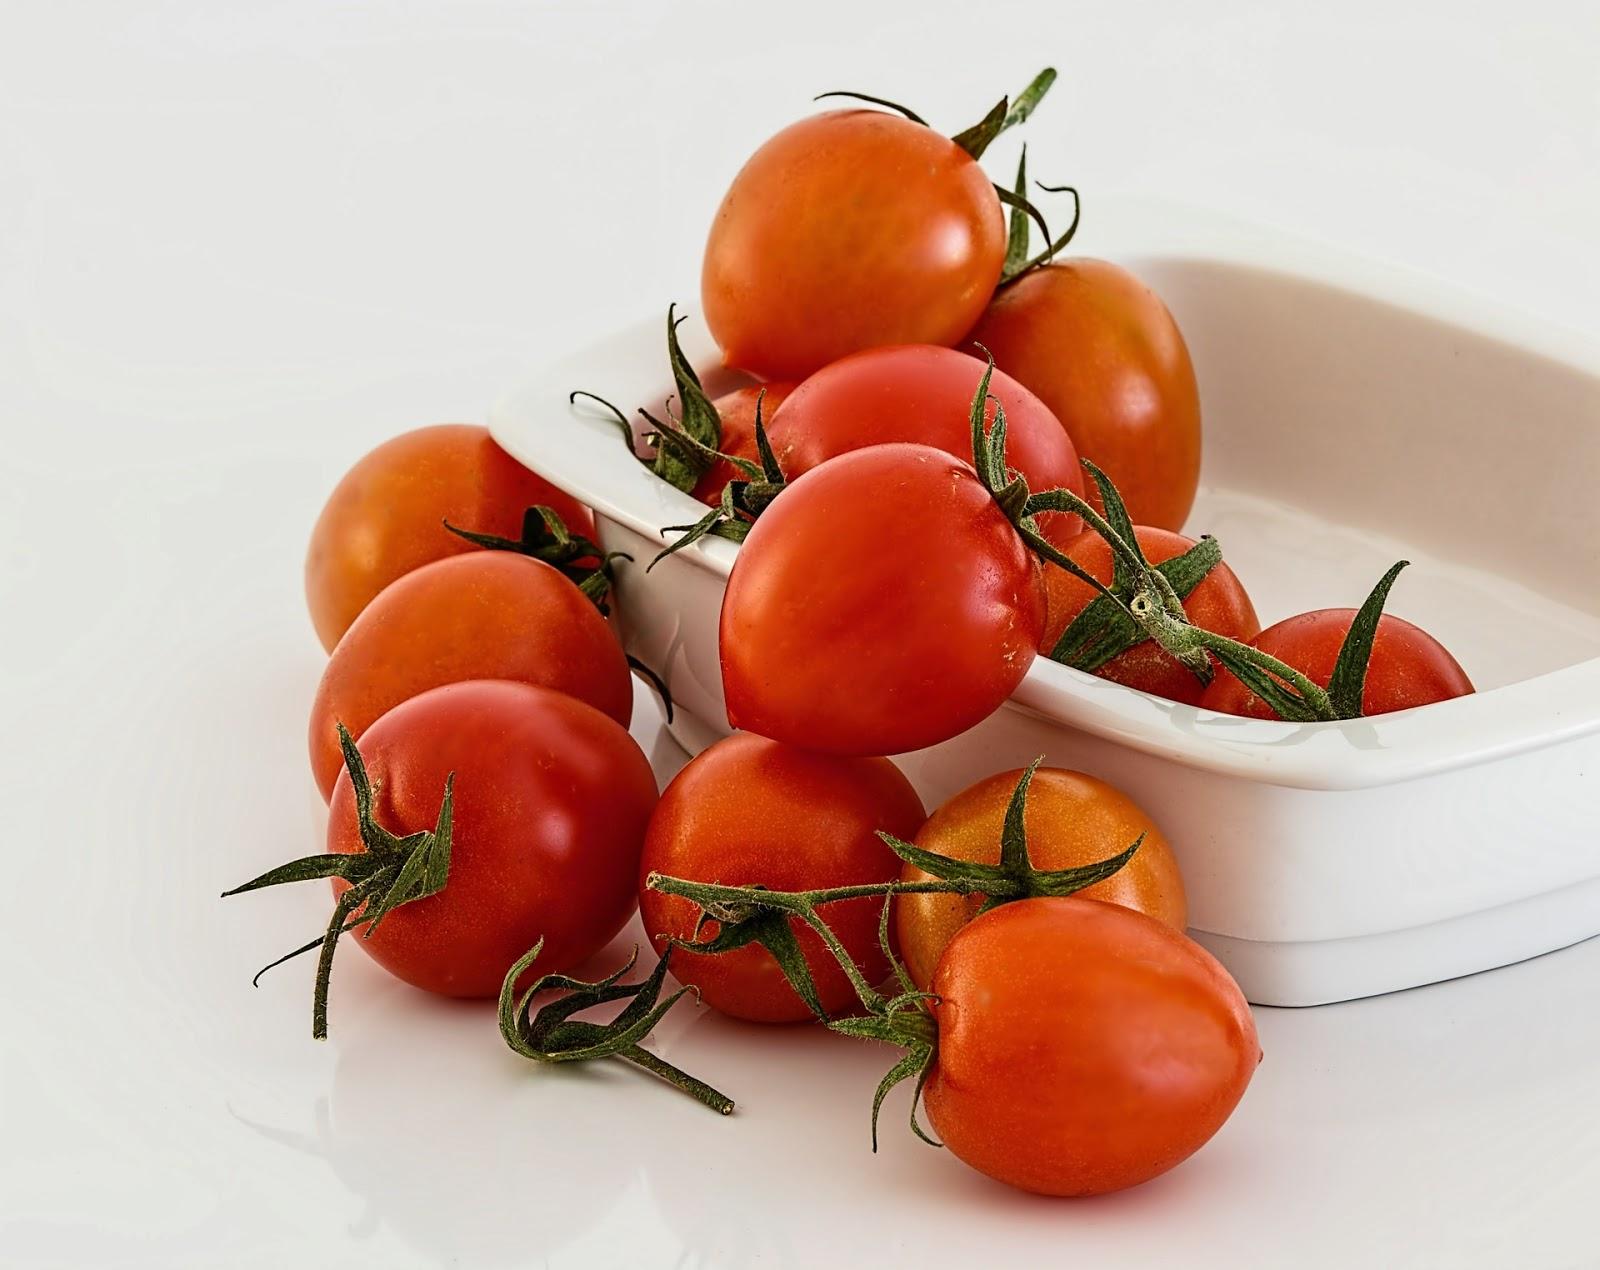 Τρόπος για να ξεφλουδίζουμε πολύ πιο εύκολα τις ντομάτες